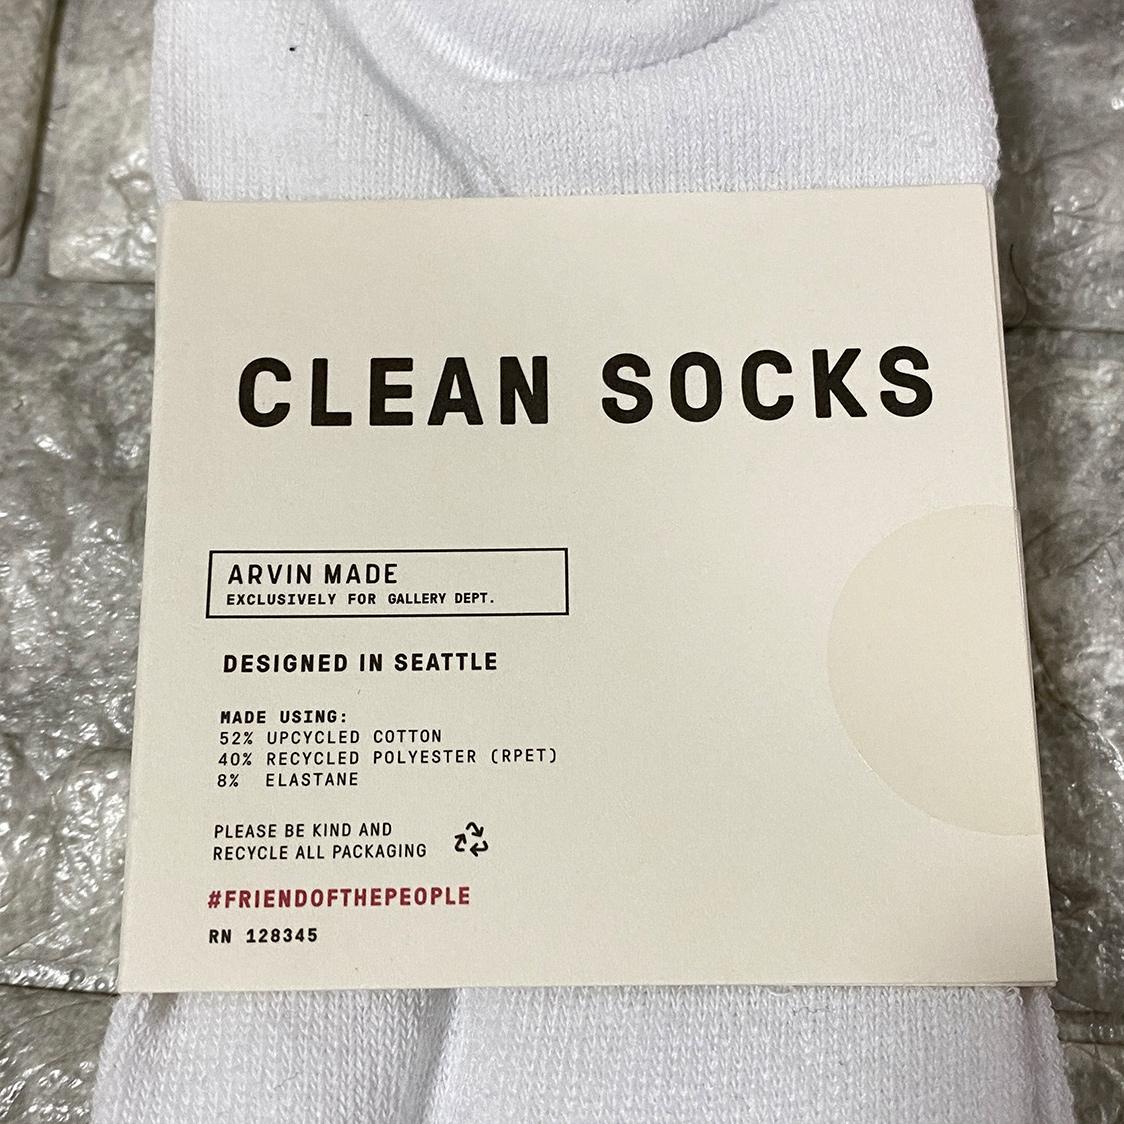 新品 GALLERY DEPT. ギャラリーデプト Clean Socks ロゴ ソックス 靴下 ホワイト メンズ靴下